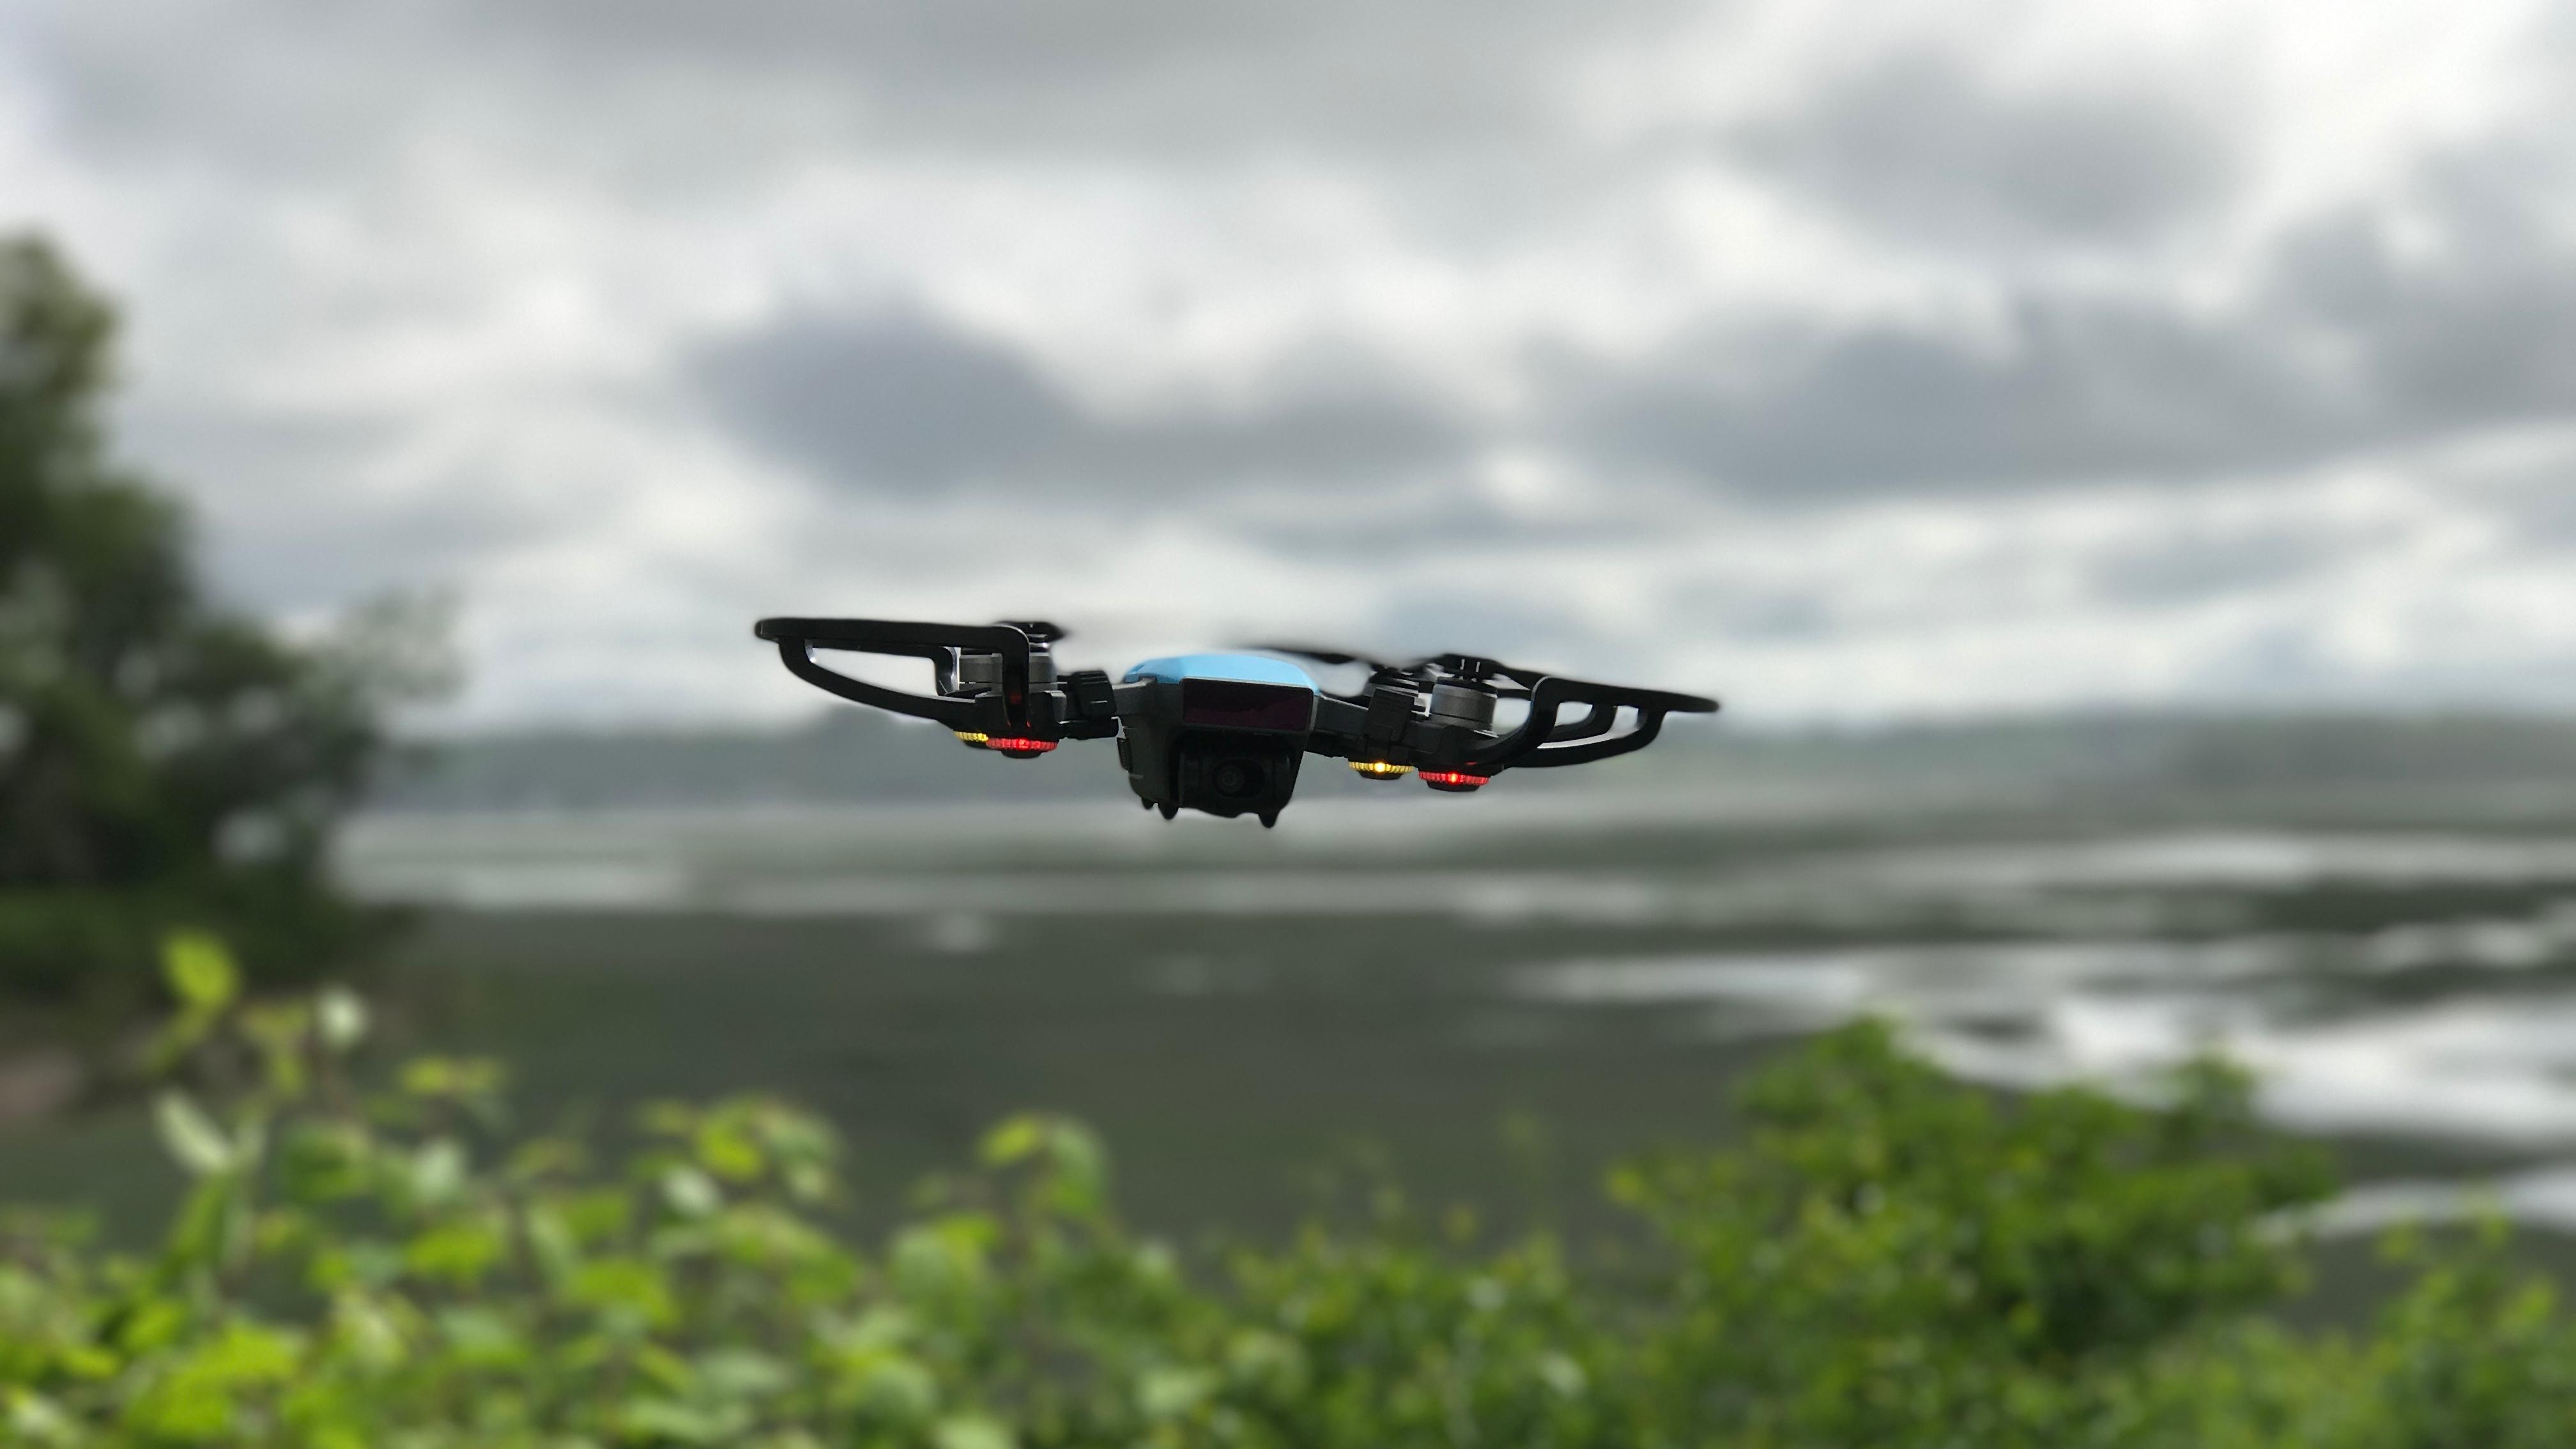 The DJI Spark in flight.